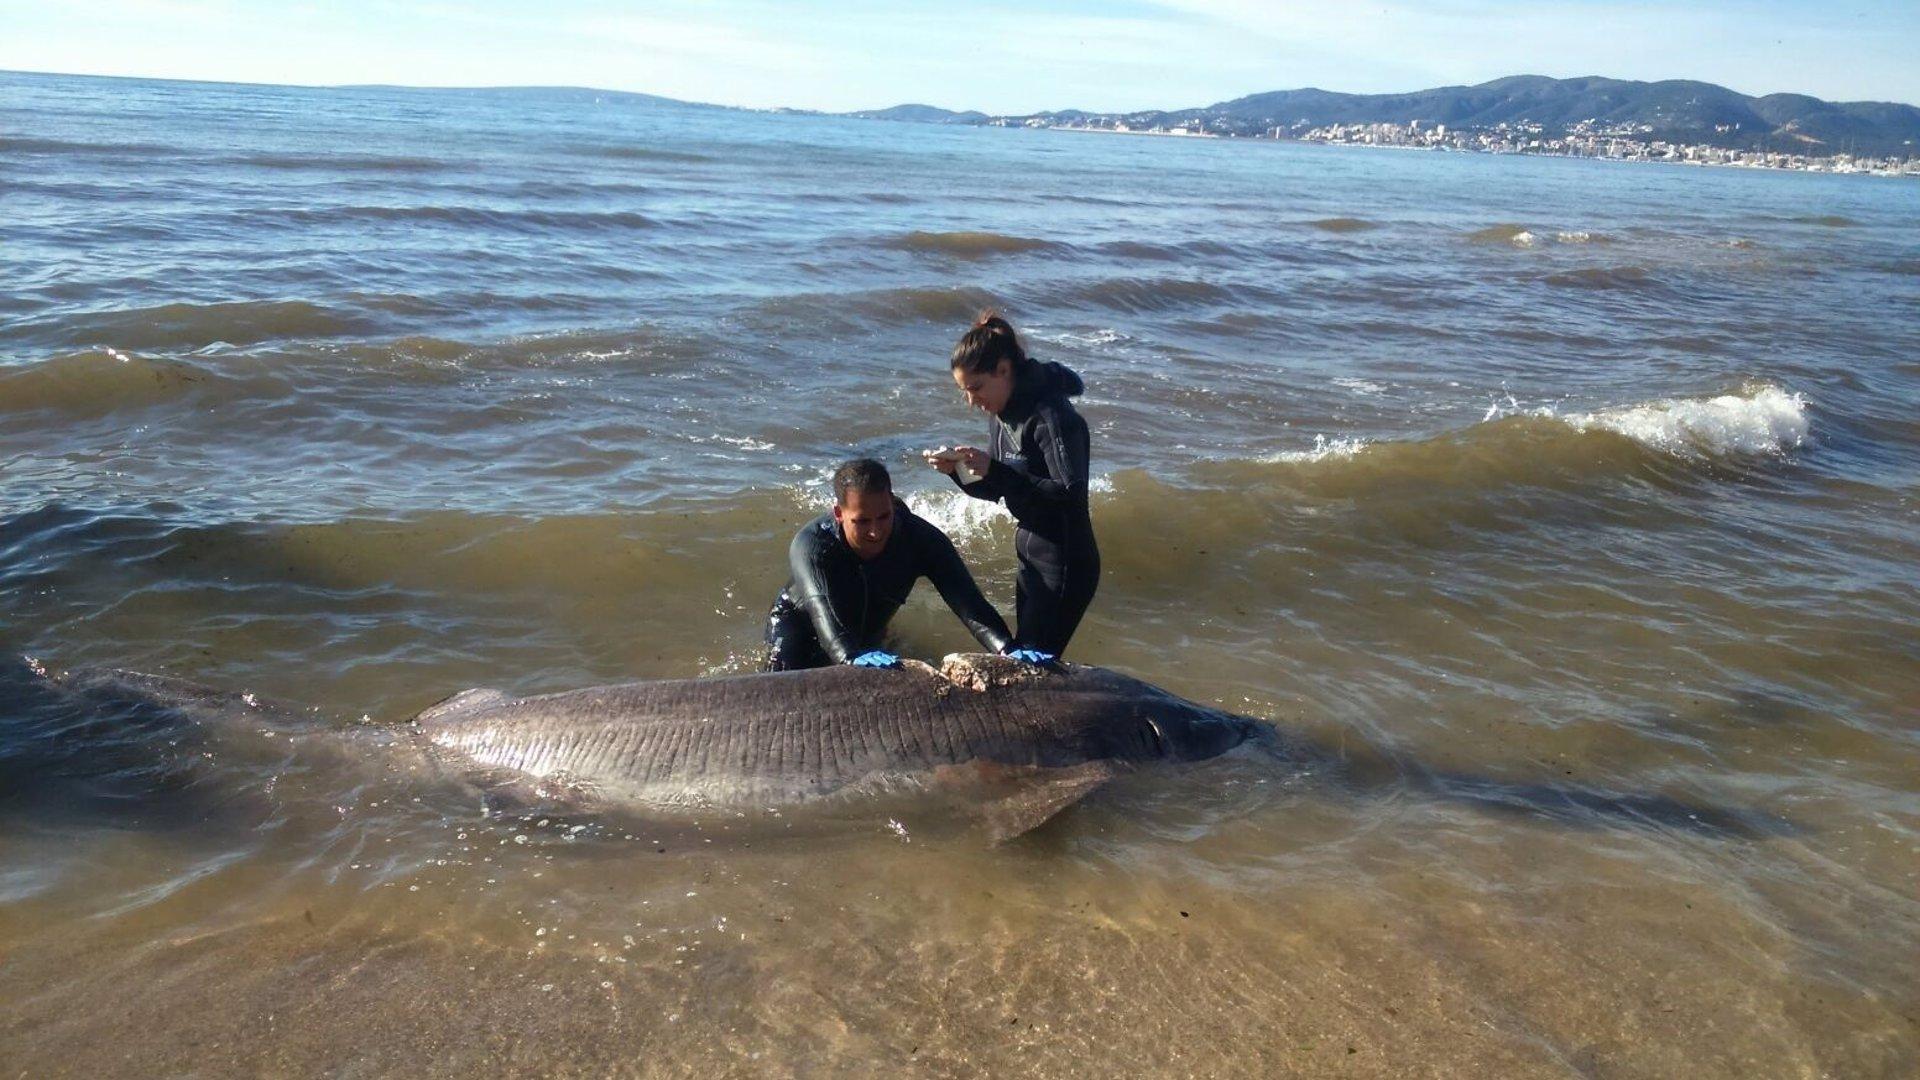 Hallan muerto un tiburón de casi cuatro metros en el Molinar